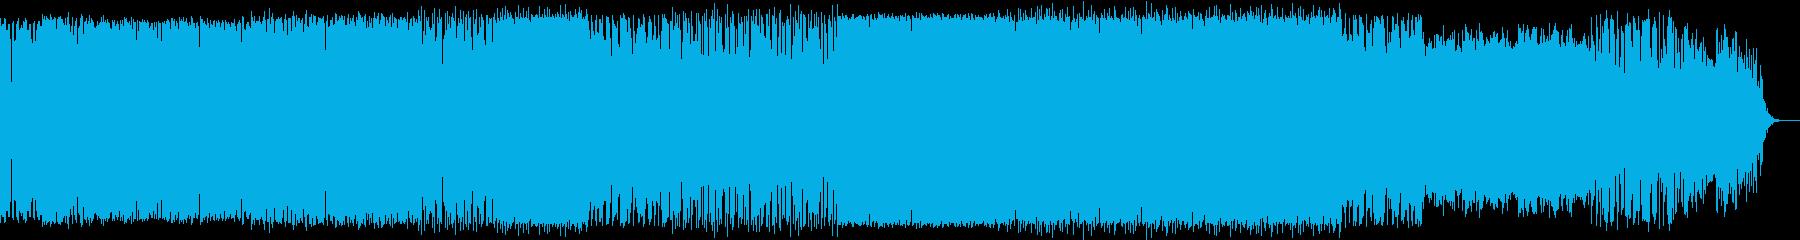 オルガンとシンセソロ入りの深海イメージ曲の再生済みの波形